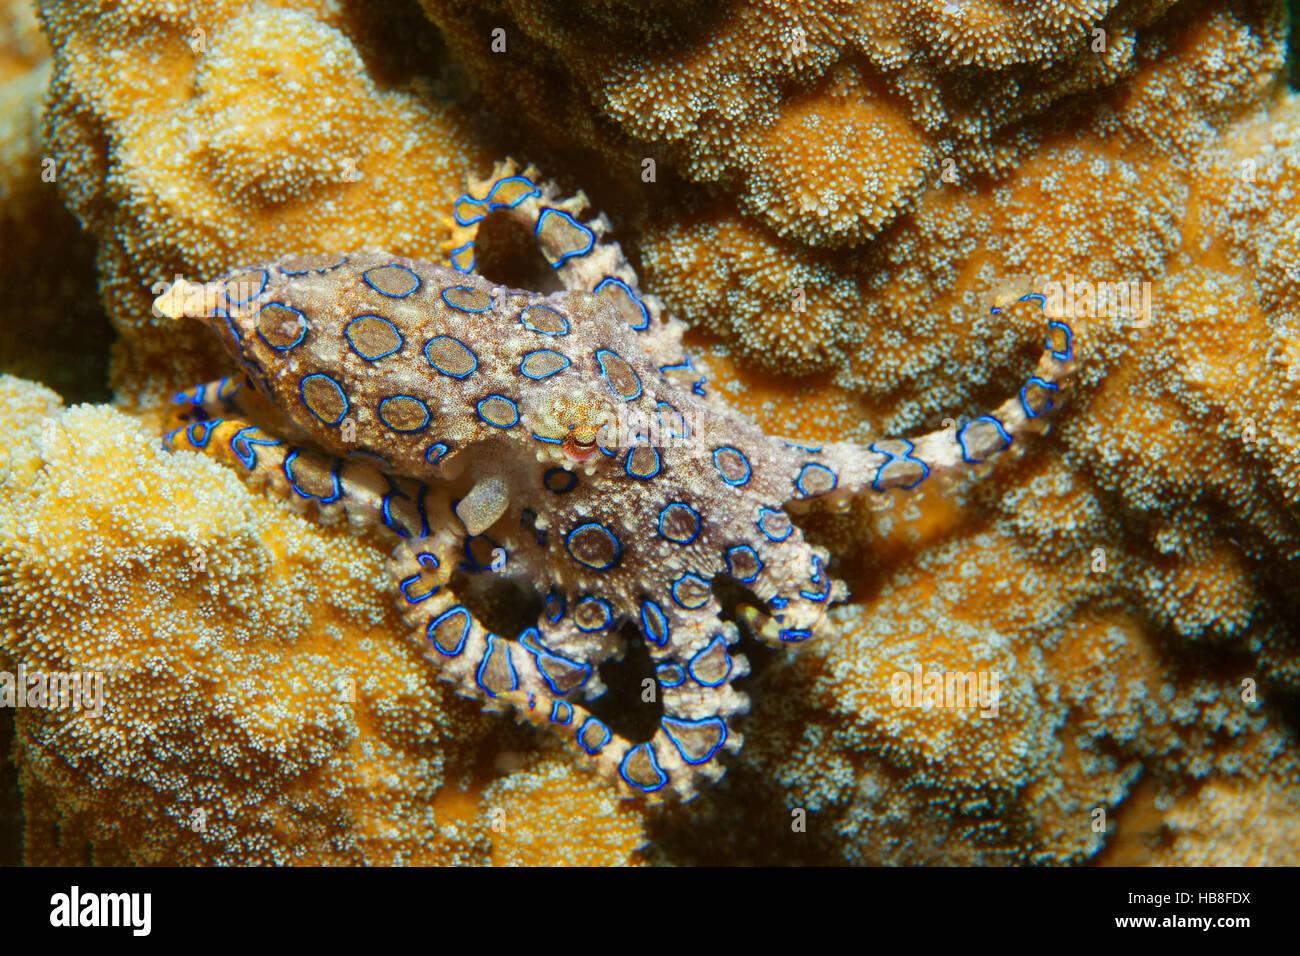 Greater blue-ringed octopus (Hapalochlaena lunulata), venomous, Bunaken National Park, Sulawesi, Celebes Sea, Indian - Stock Image